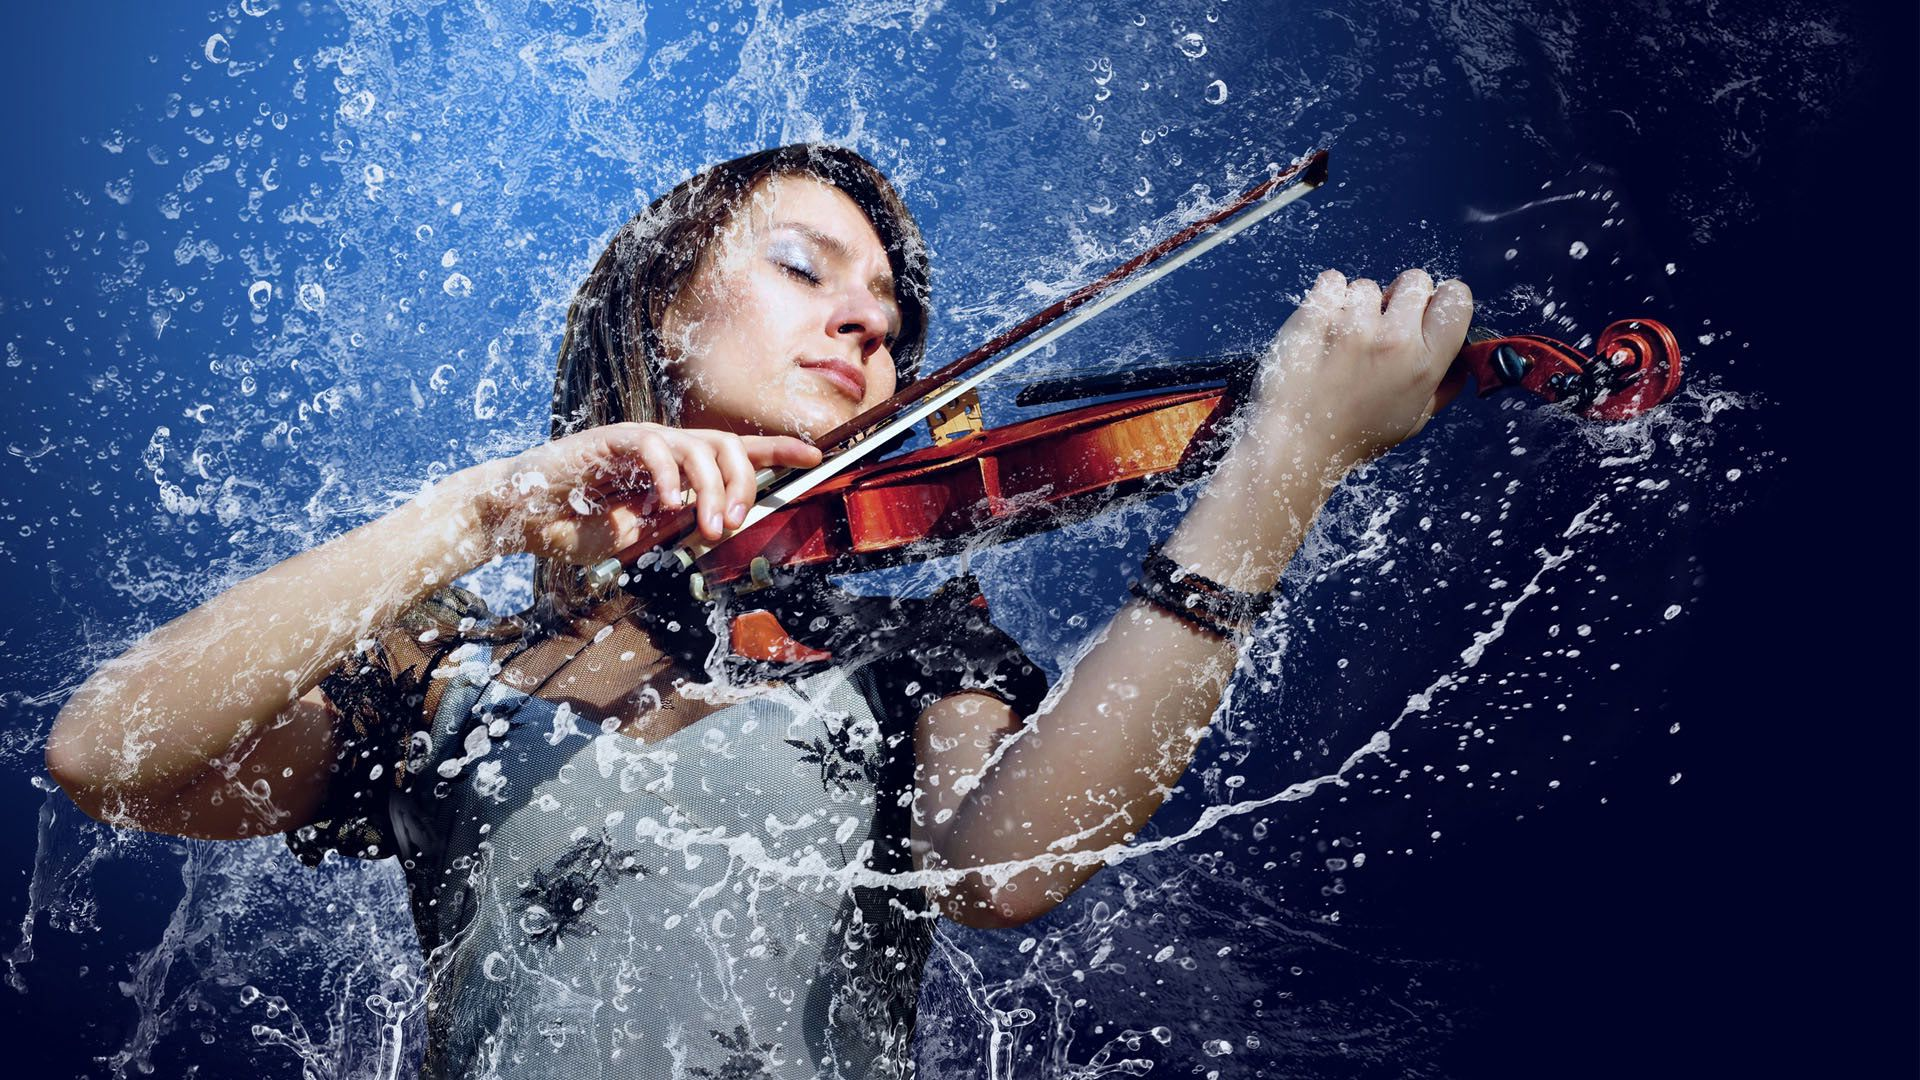 Девушка со скрипкой абстракция  № 2052324 бесплатно